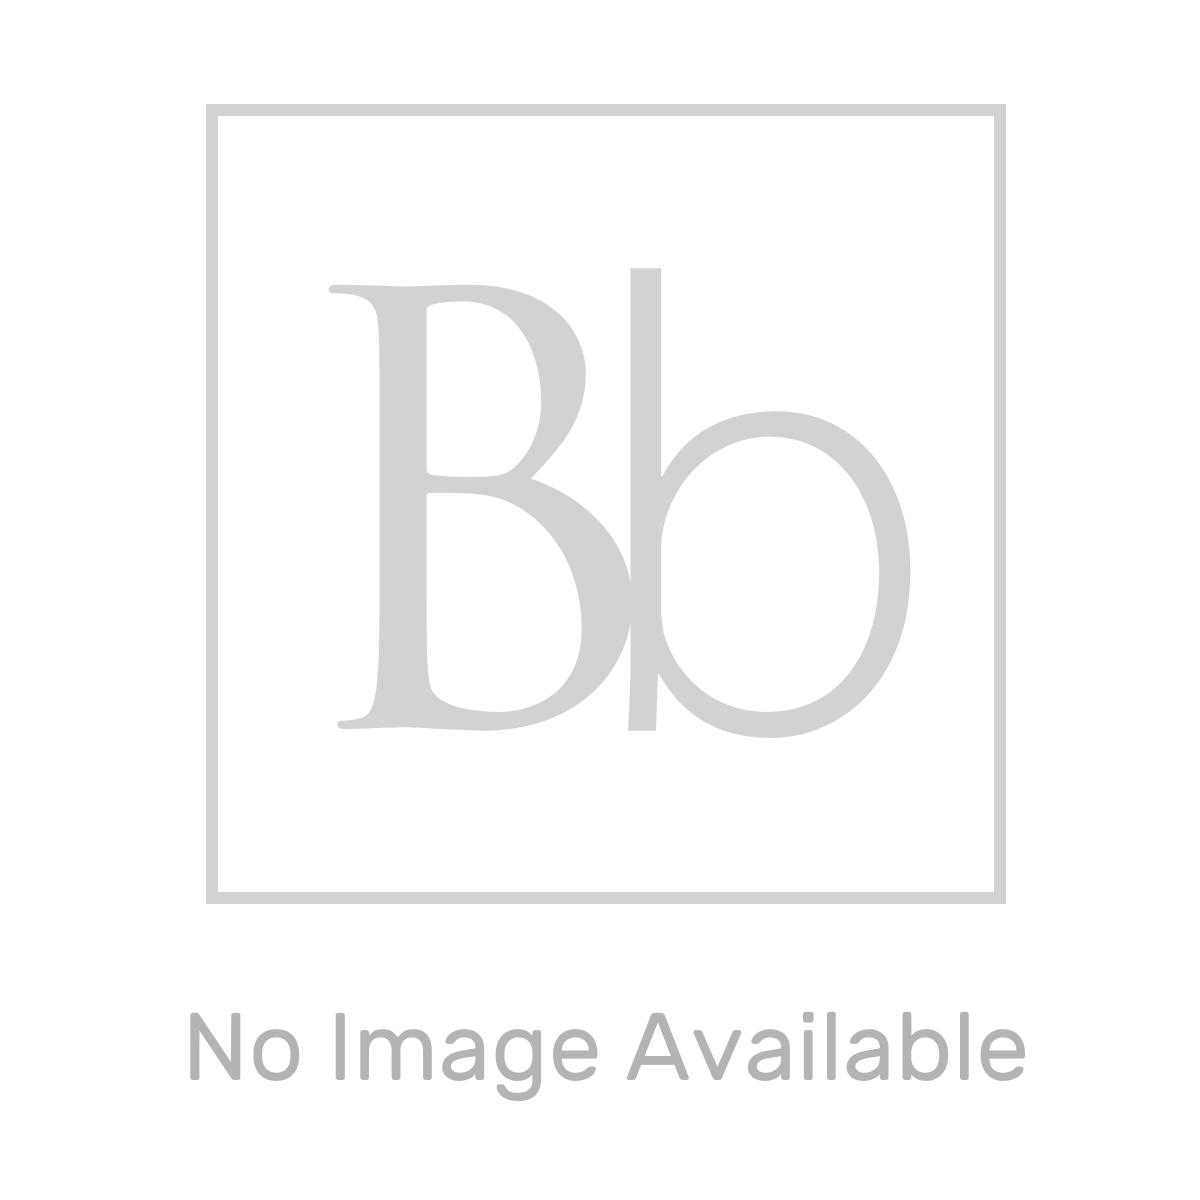 Nuie Vault Natural Oak Floor Standing Single Door Vanity & Basin 400mm Line Drawing